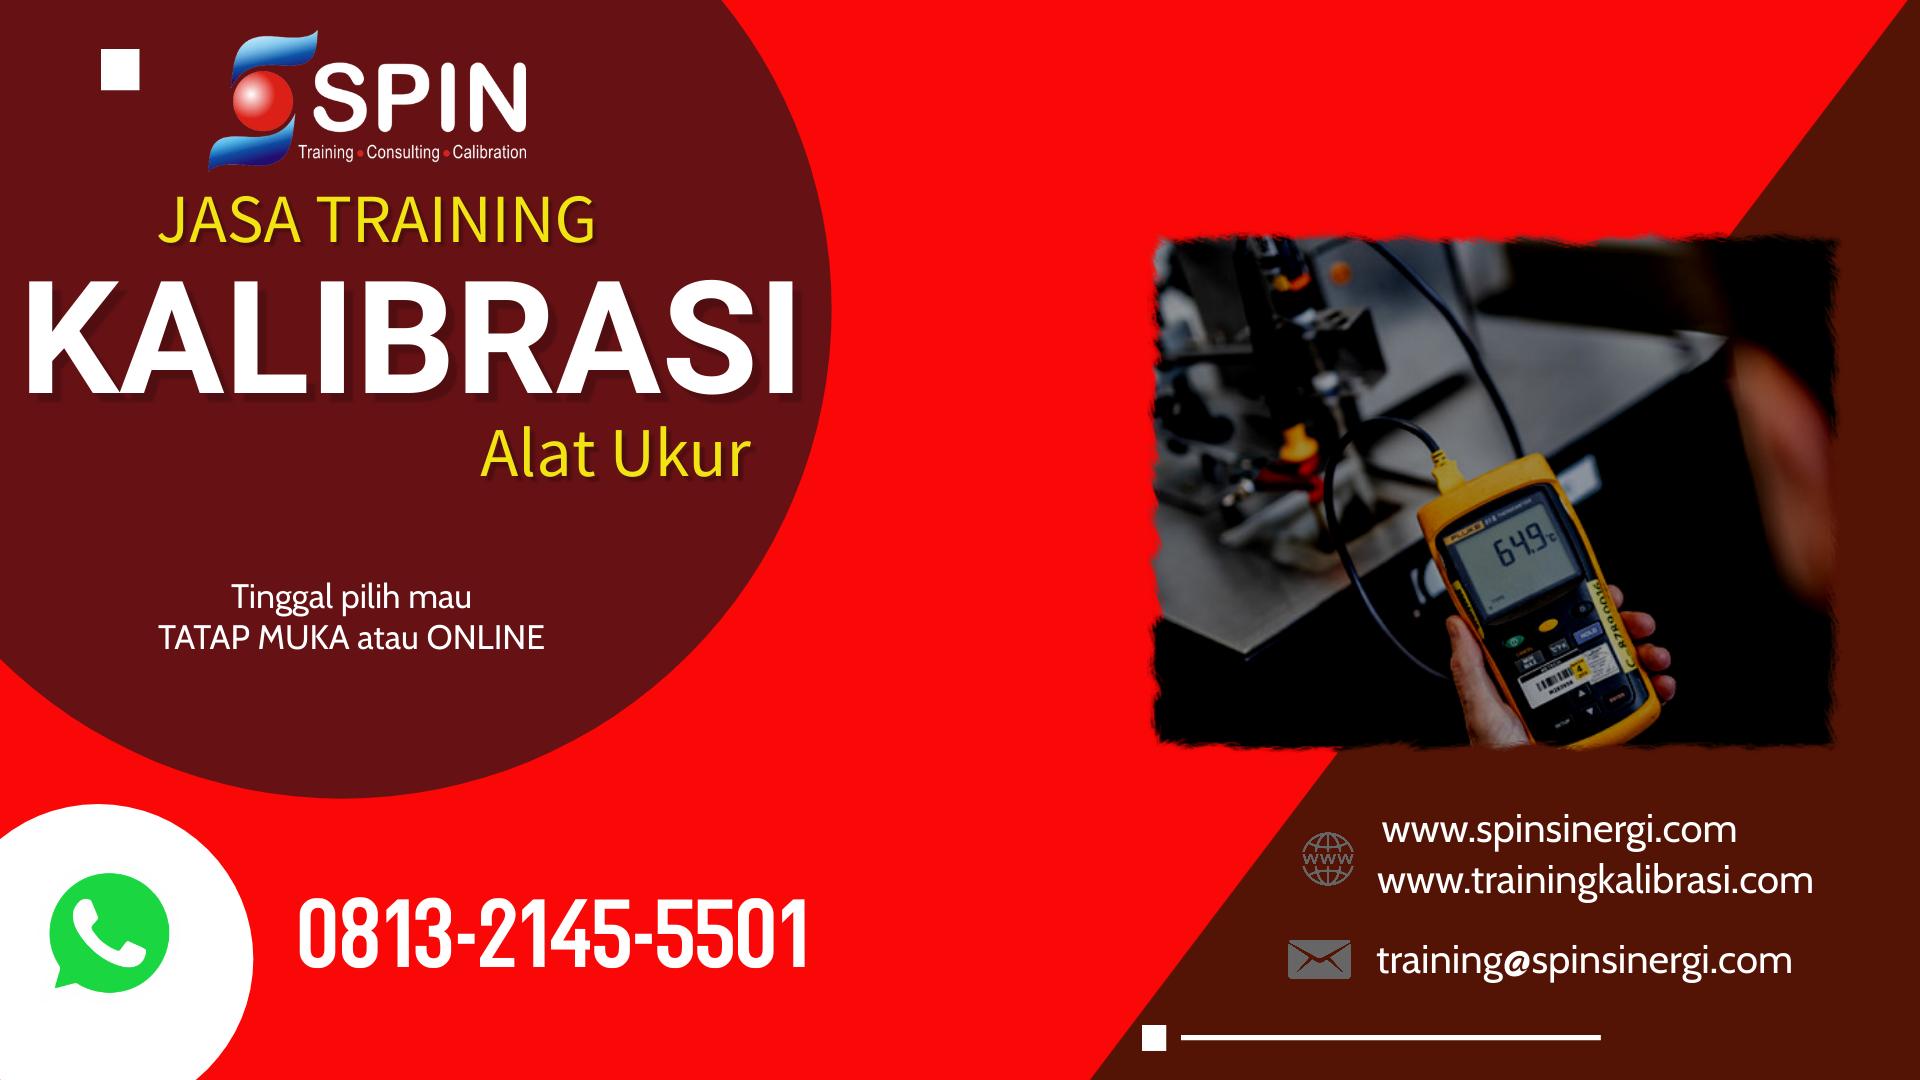 Jasa Training Kalibrasi